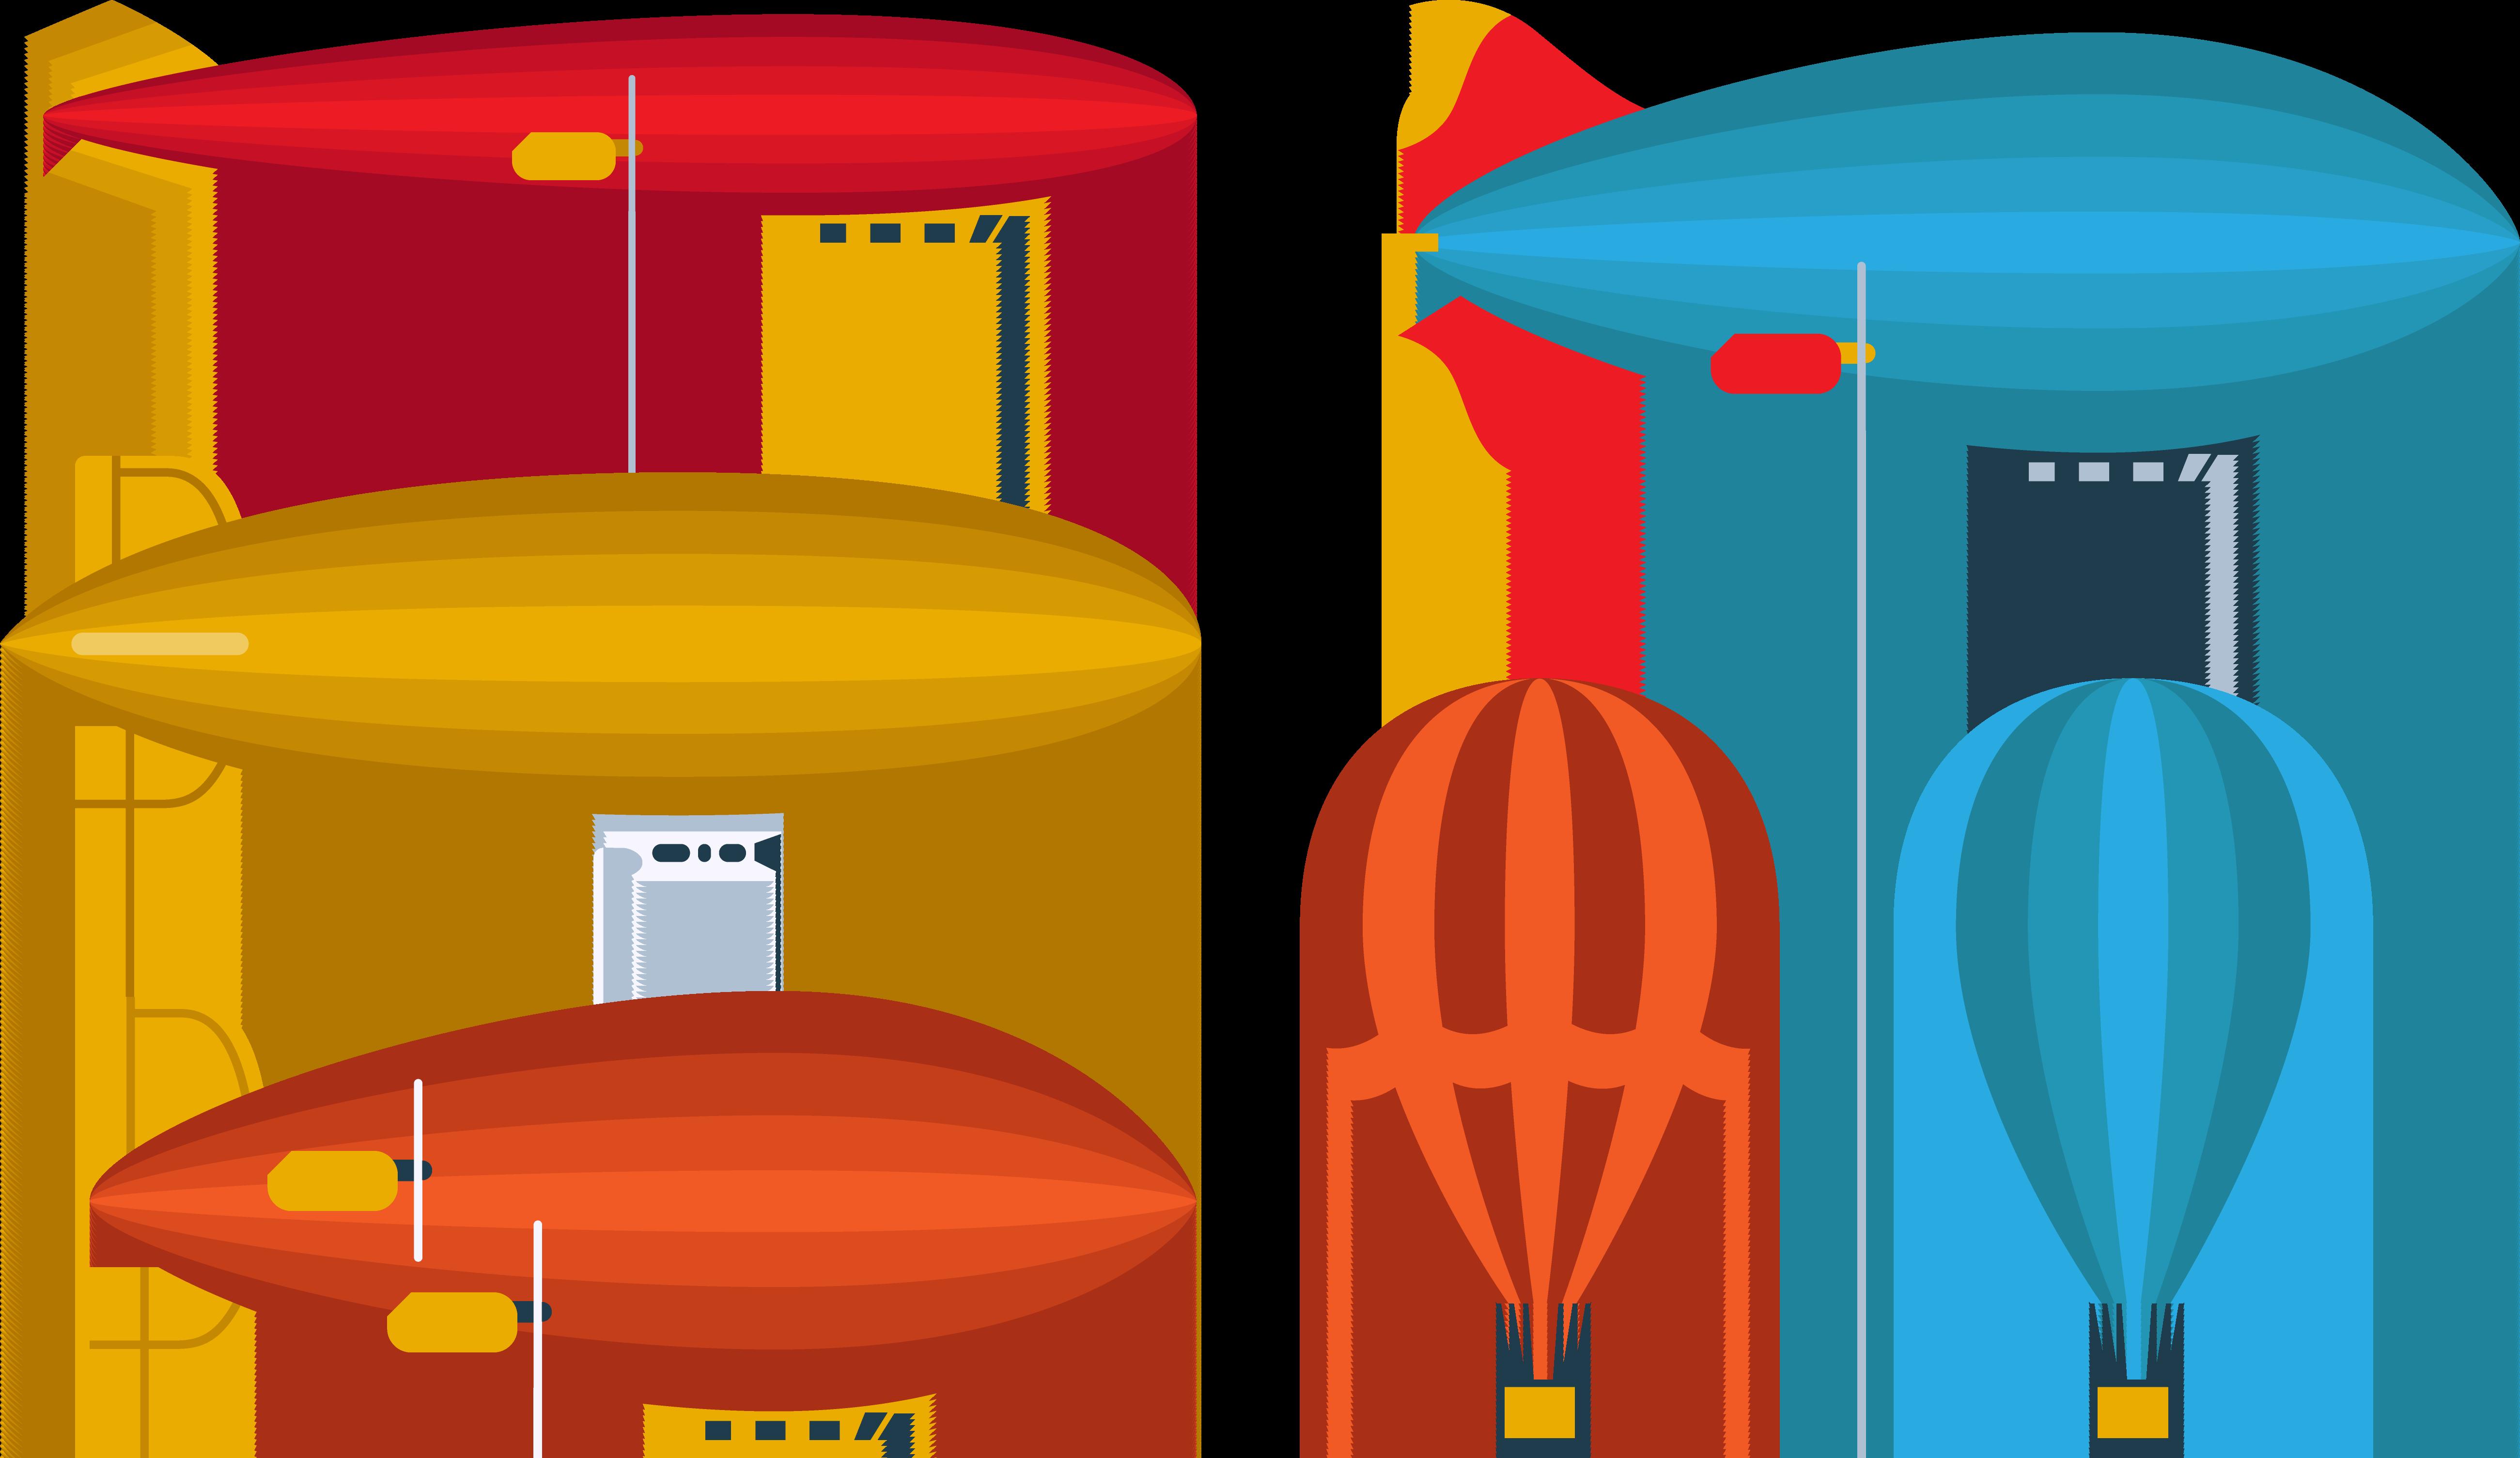 Clipart rocket balloon. Hot air airplane airship